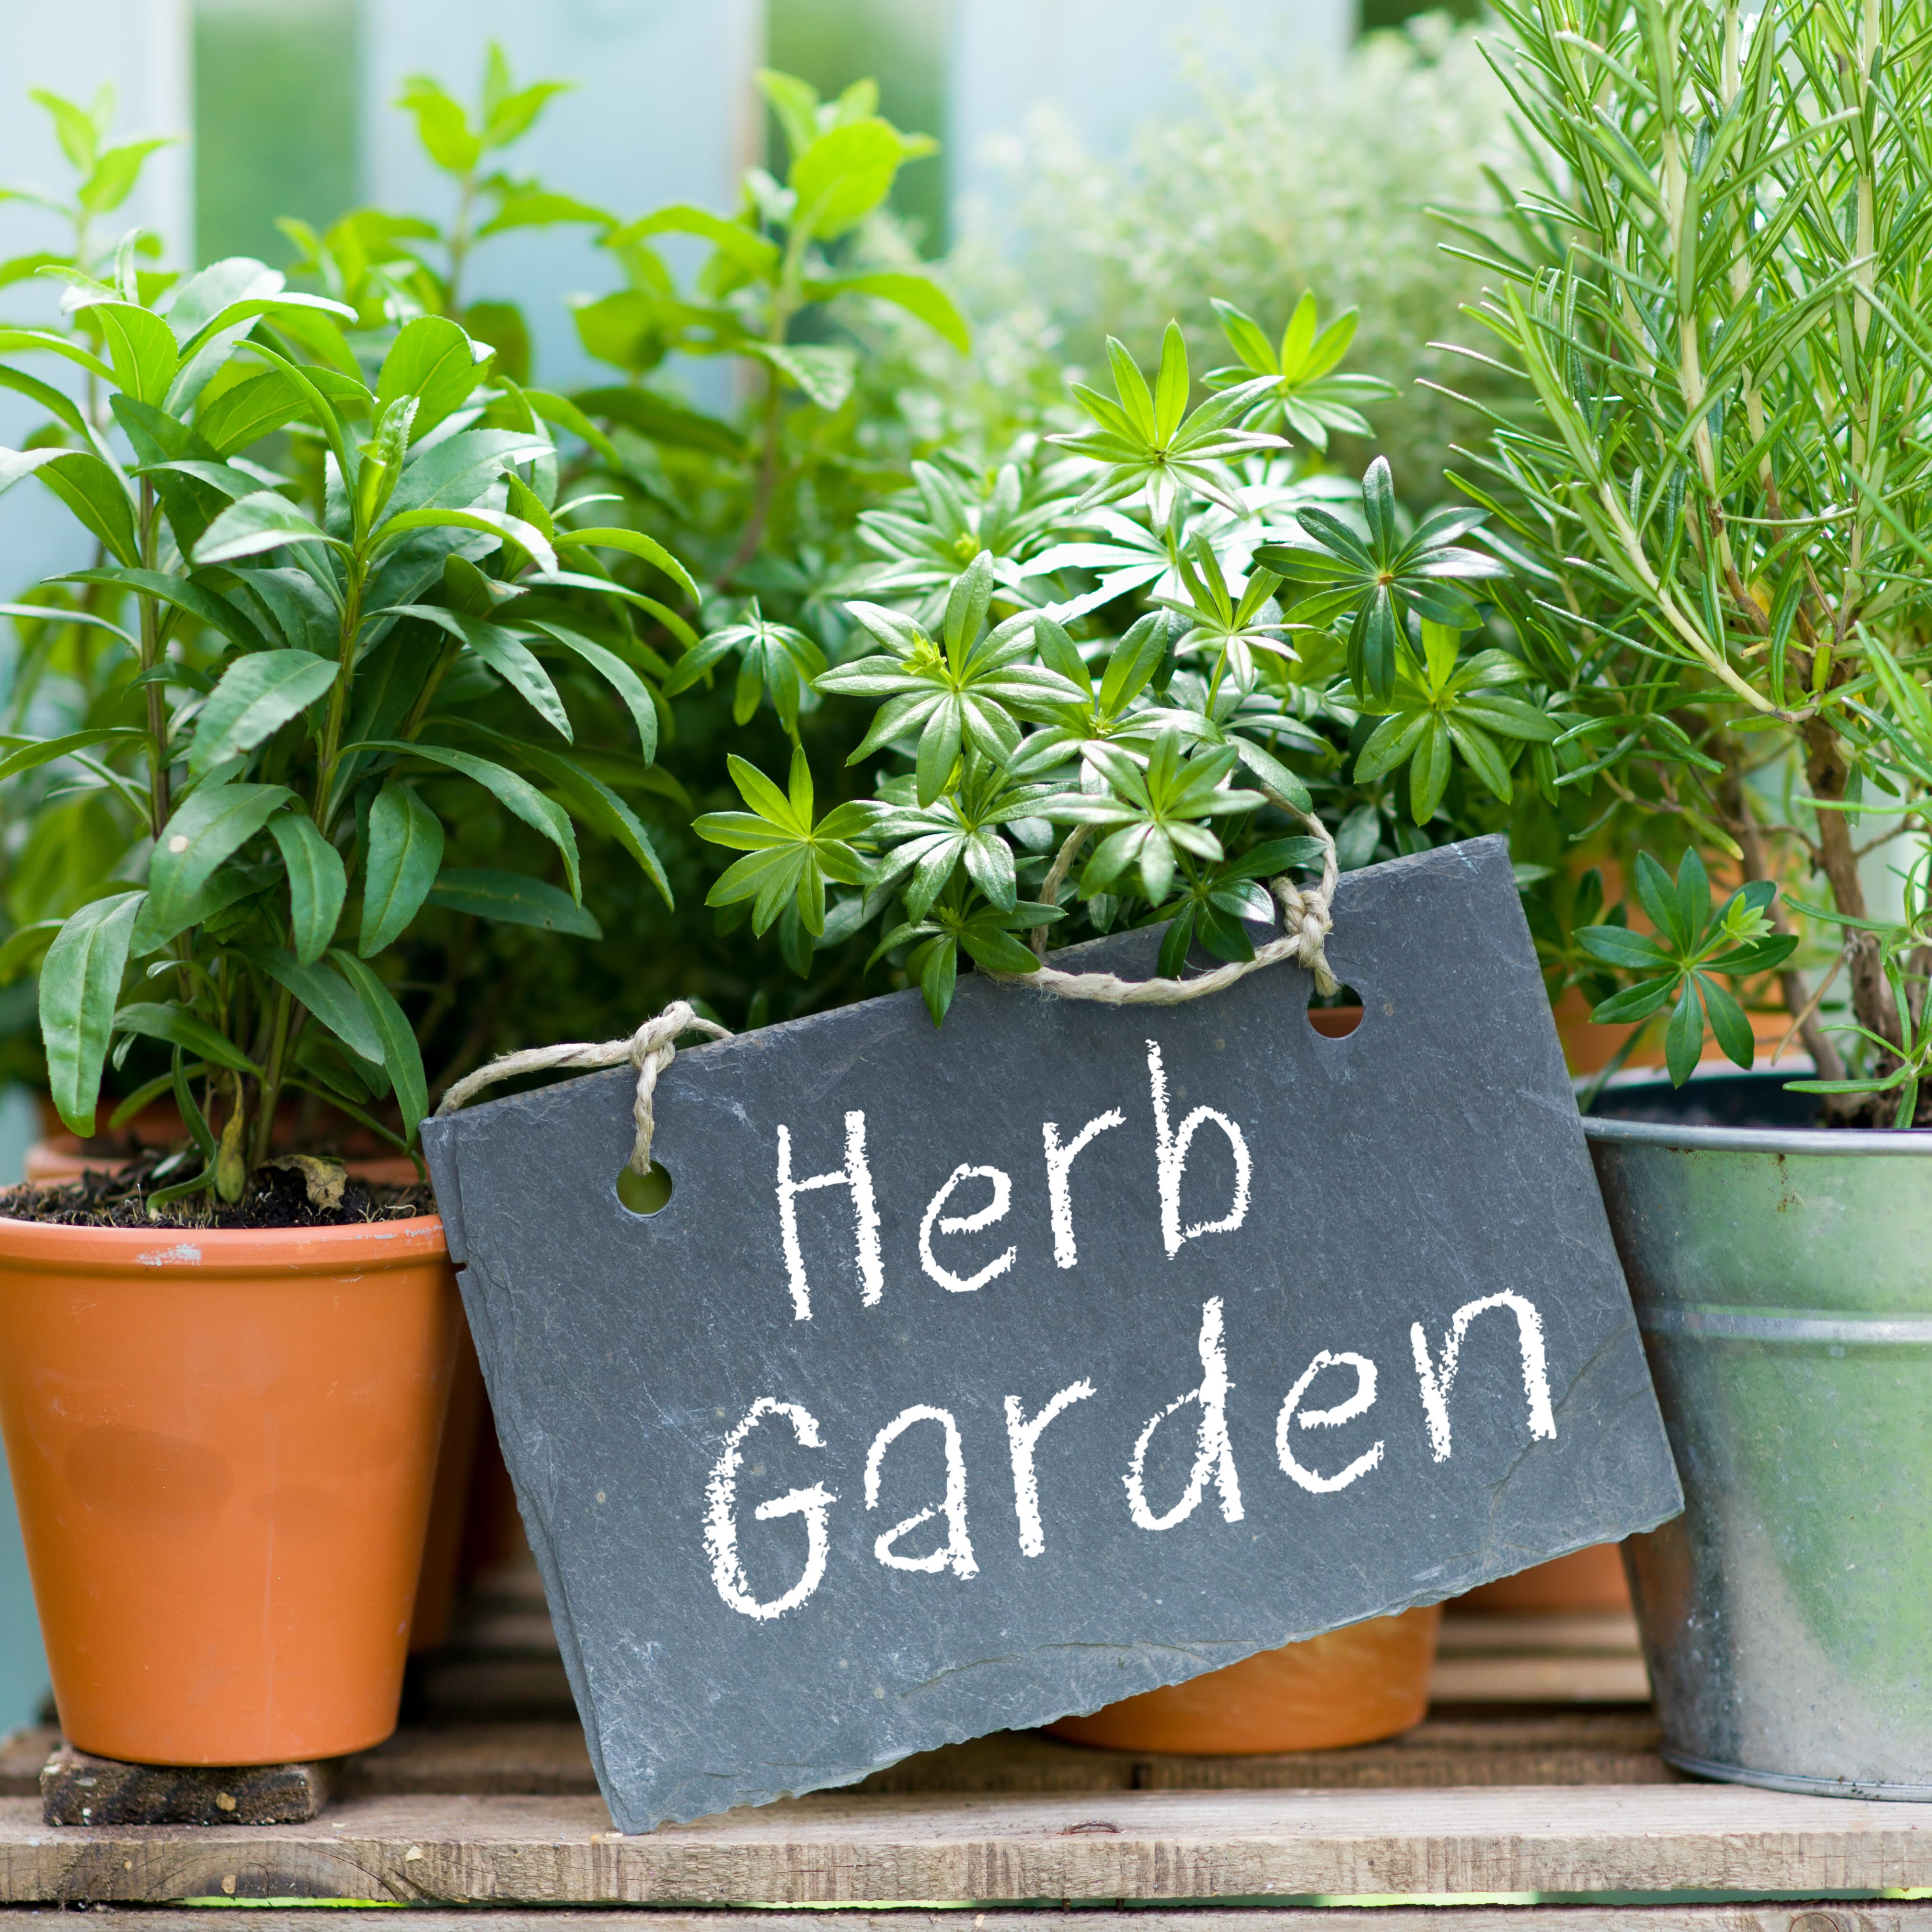 Herb garden xnbze5